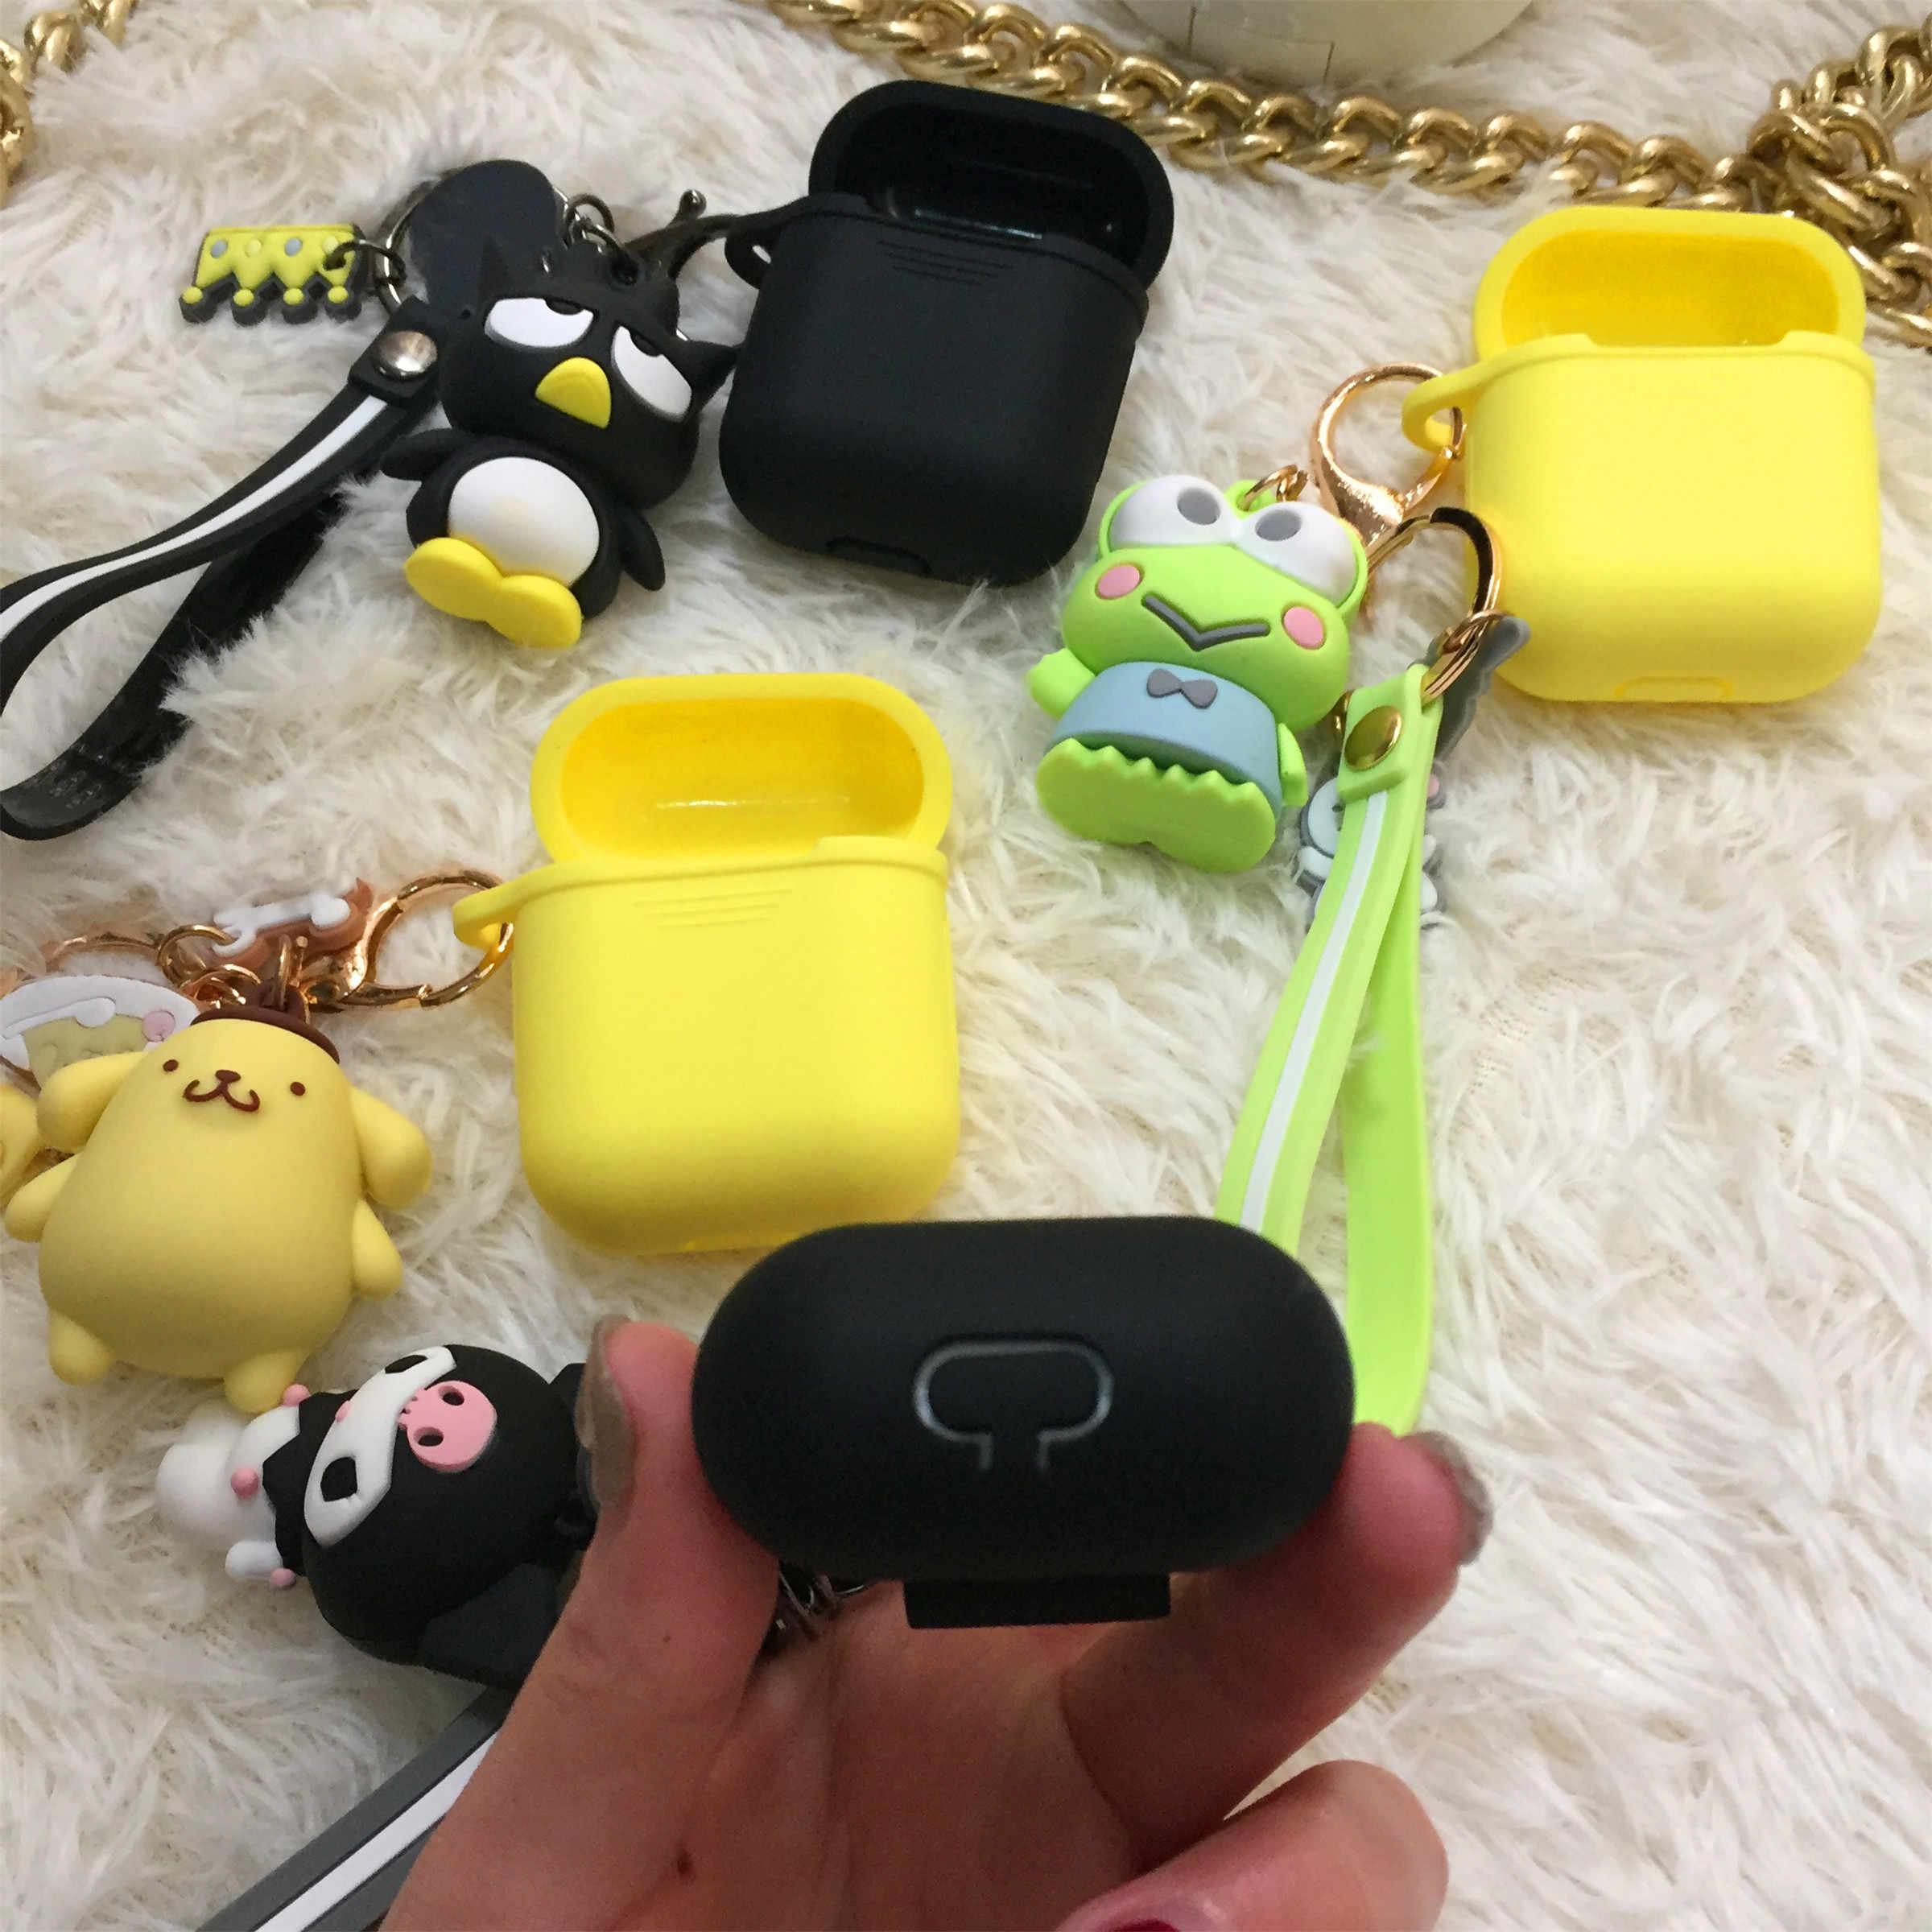 חמוד Cartoon עבור airpods מקרה הלו קיטי מלודי עבור iPhone אוזניות רך הסיליקון תיק אוניברסלי טלפון להתחבר רצועה, להקת יד